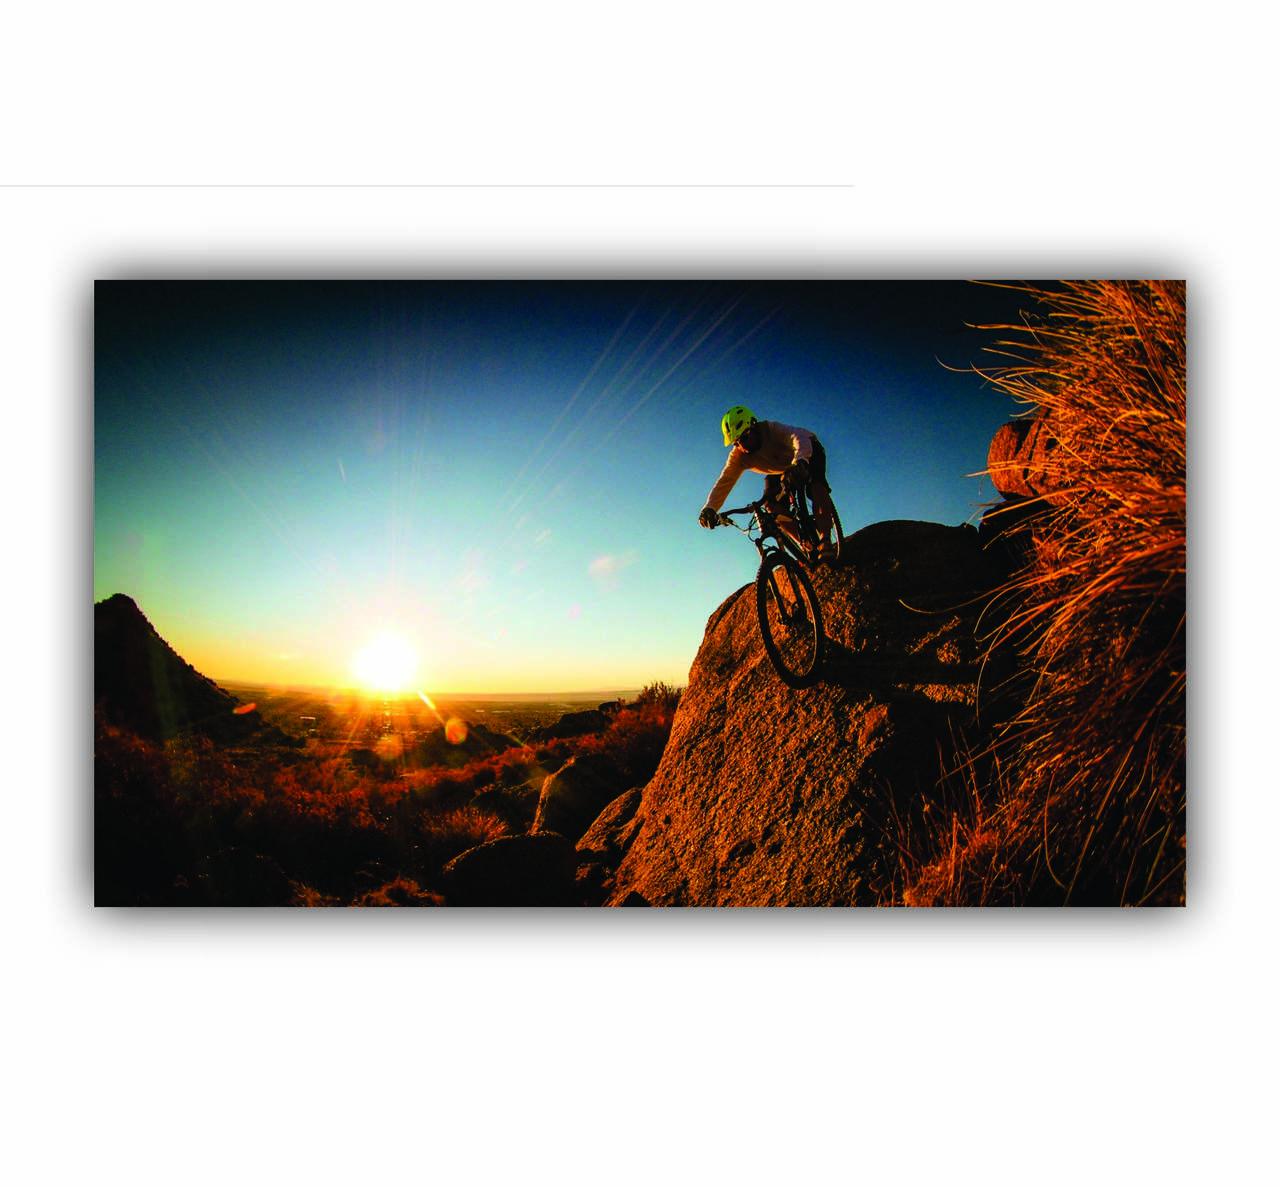 Quadro Mountain Bike Estilo de Vida - Tela Única